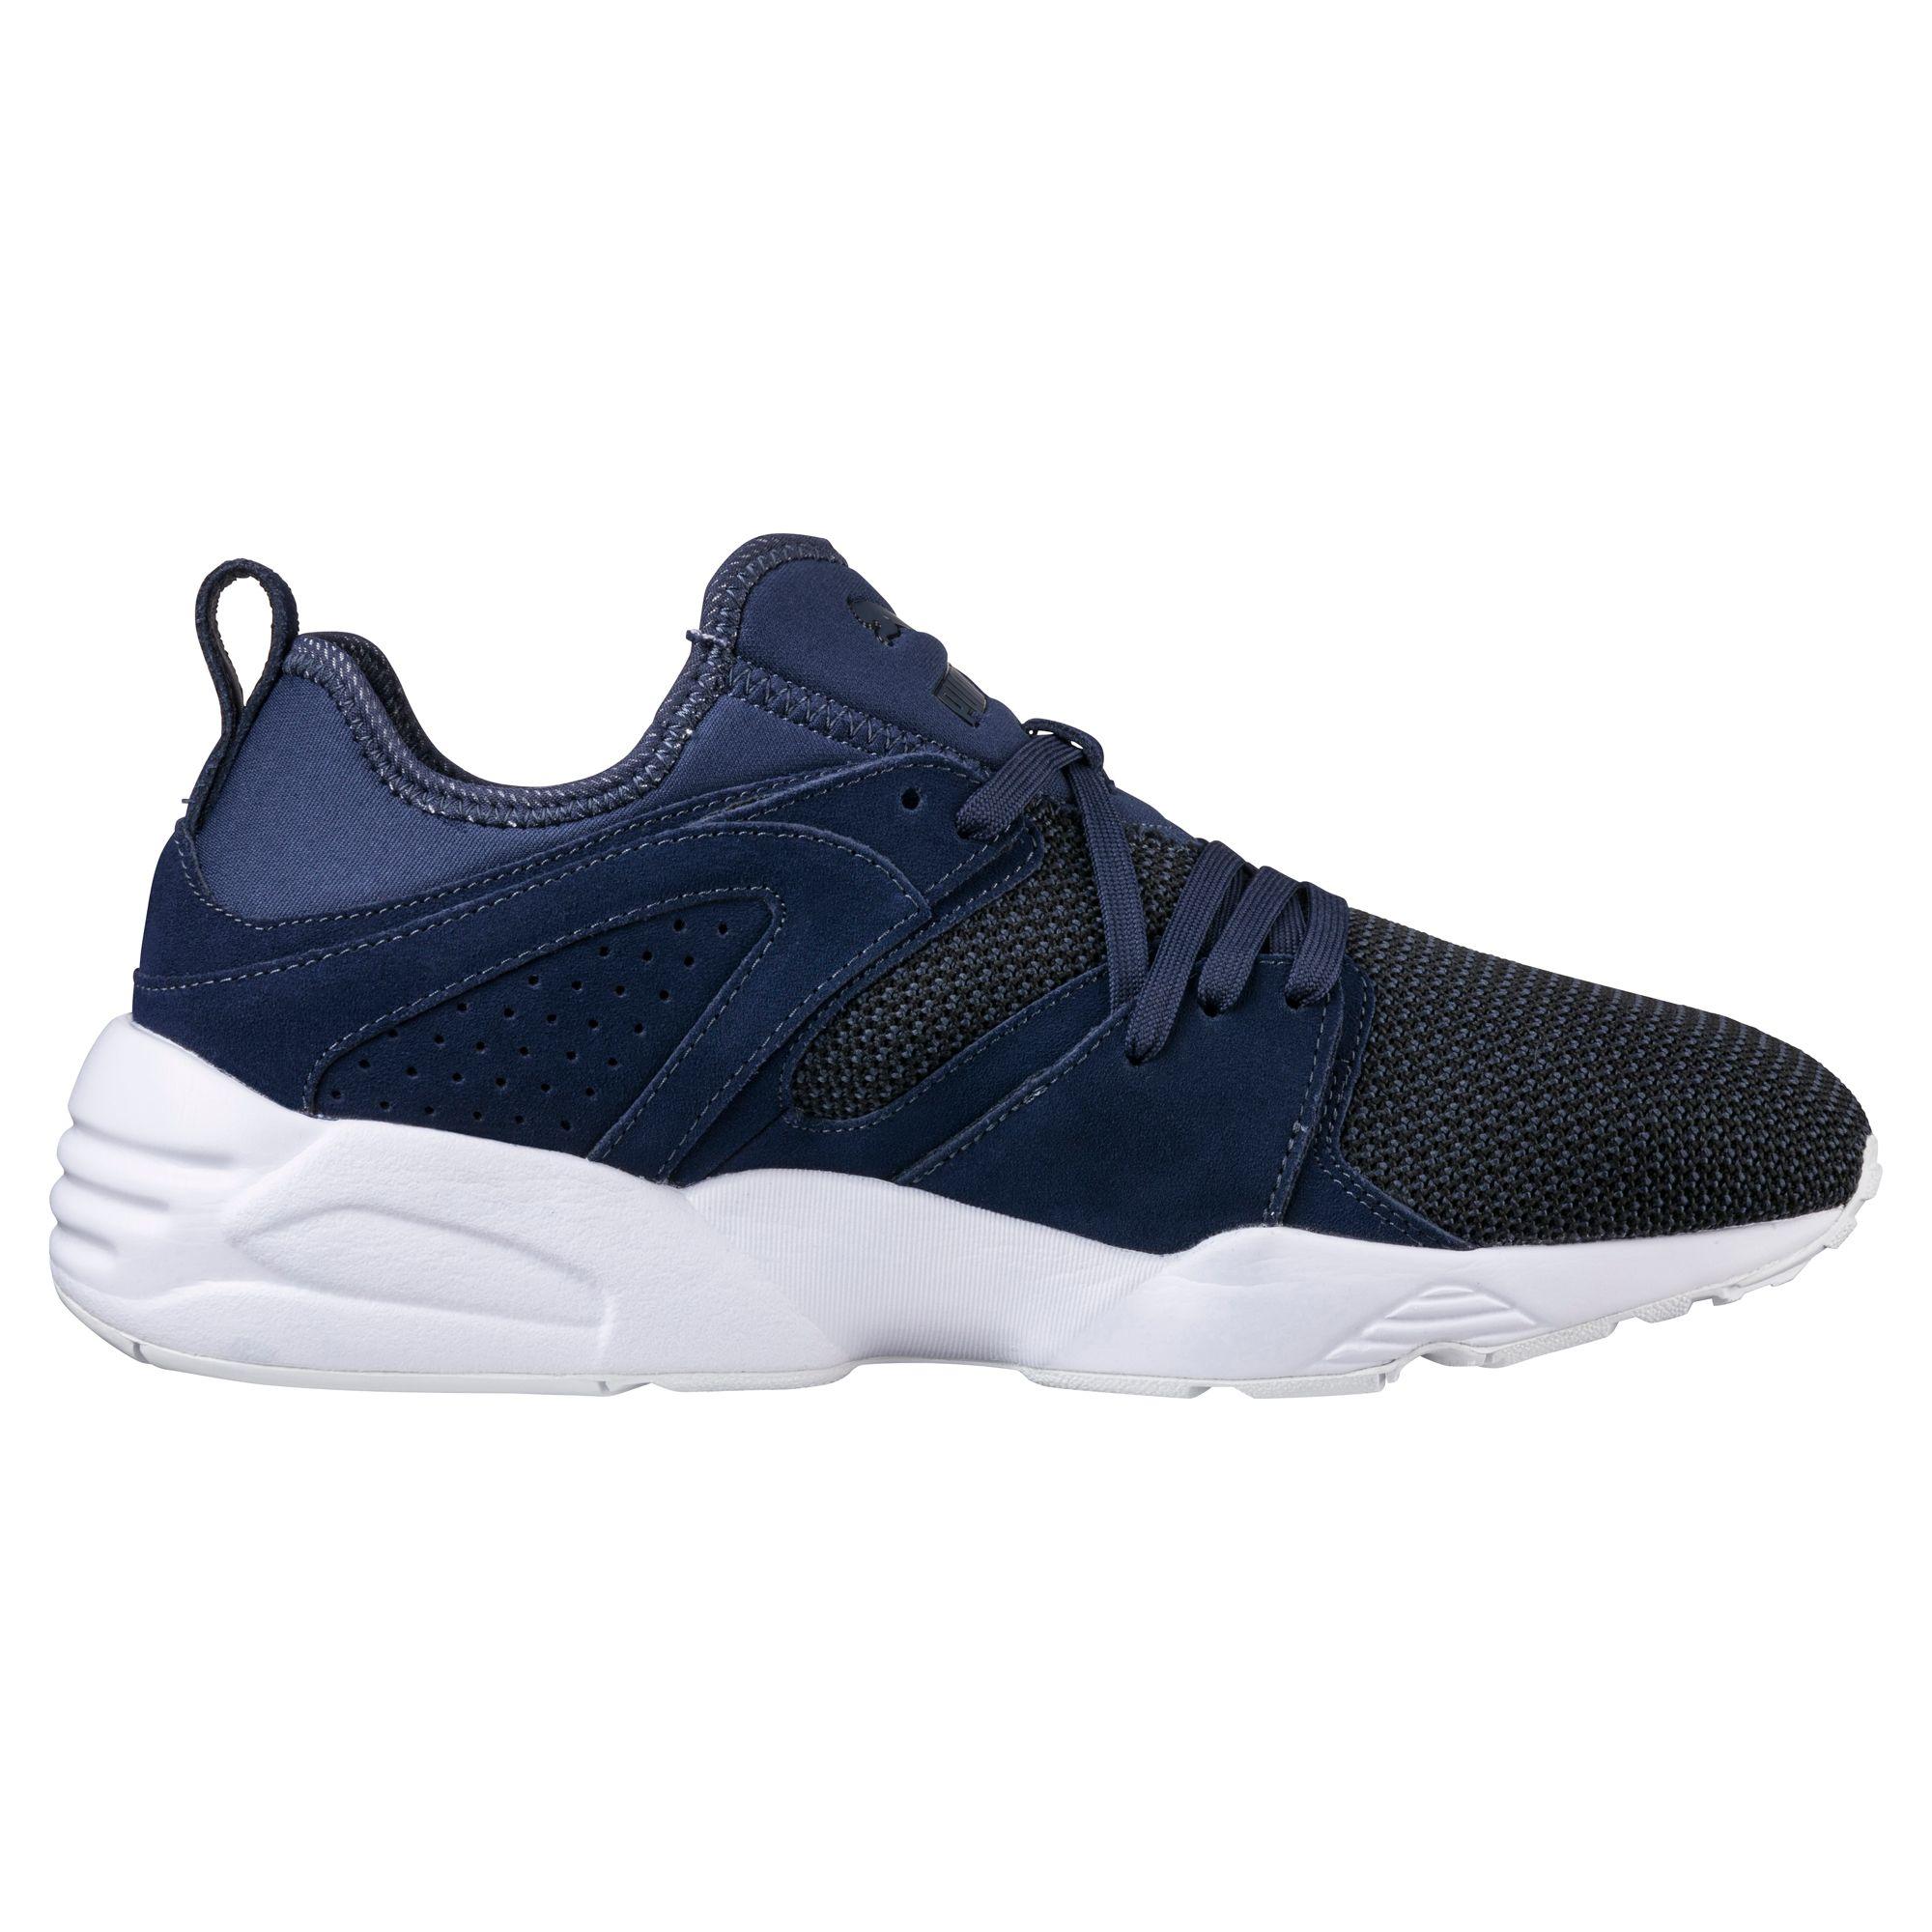 PUMA Blaze of Glory Soft Tech Schuhe  Sneaker Sport Classics Schuhe Tech Männer Neu 0f1c66